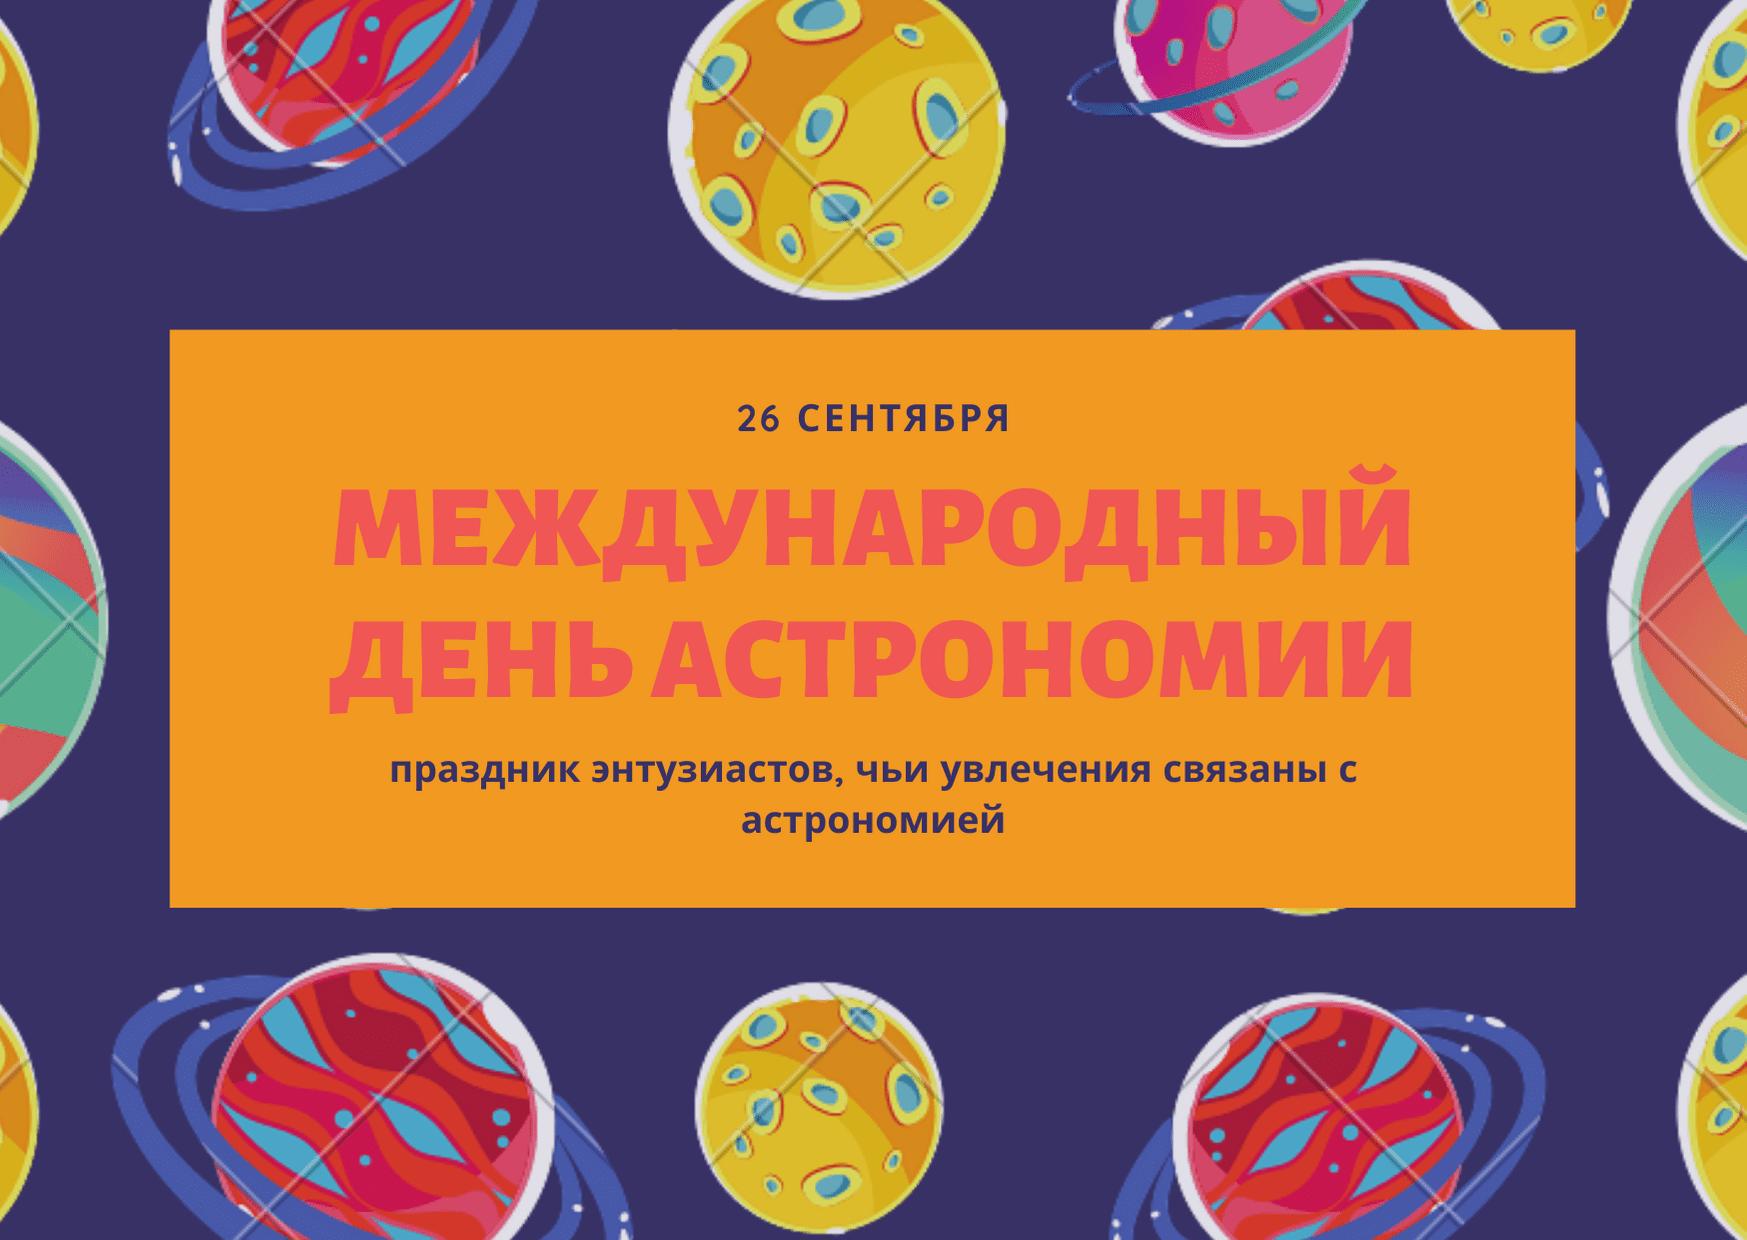 Международный день астрономии - 26 сентября